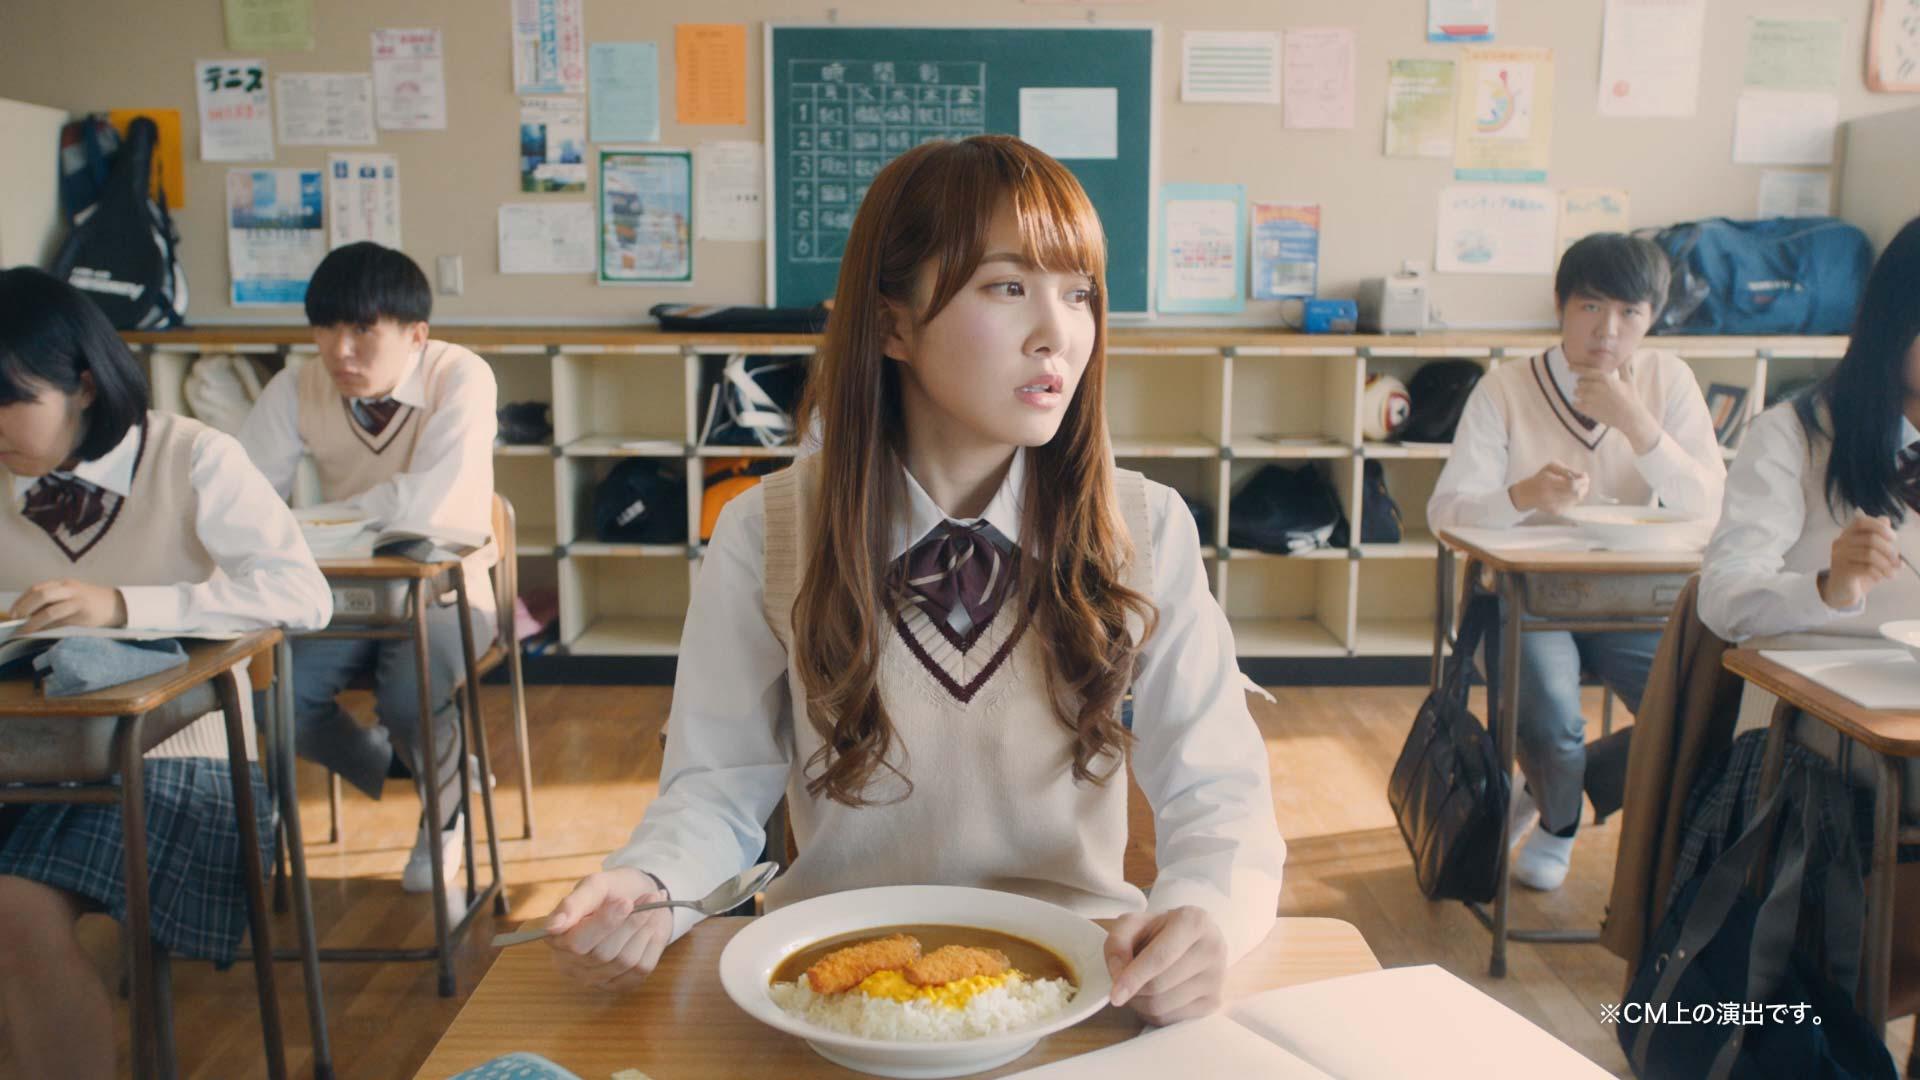 日向坂46 × ココイチ「ココイチ de もっとHAPPY! キャンペーン」